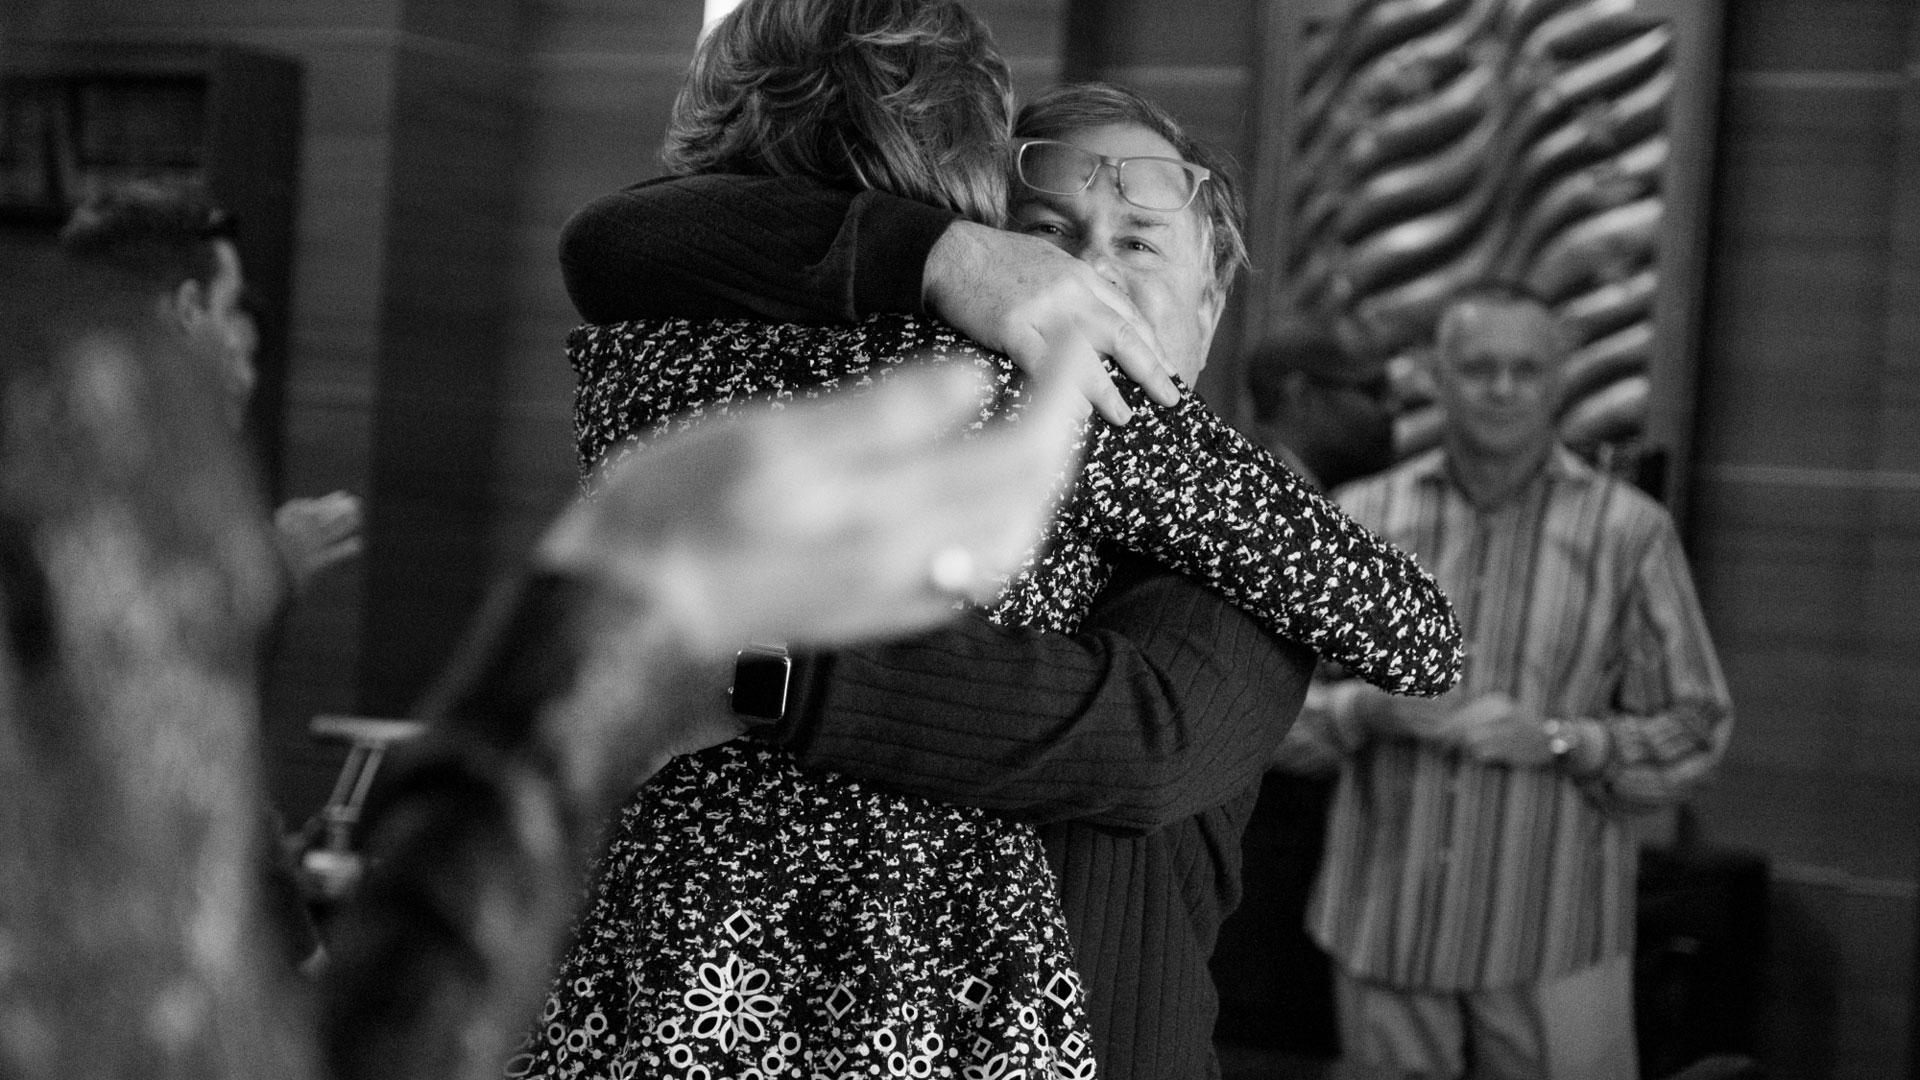 Christine Baranski and Robert King hug on set.